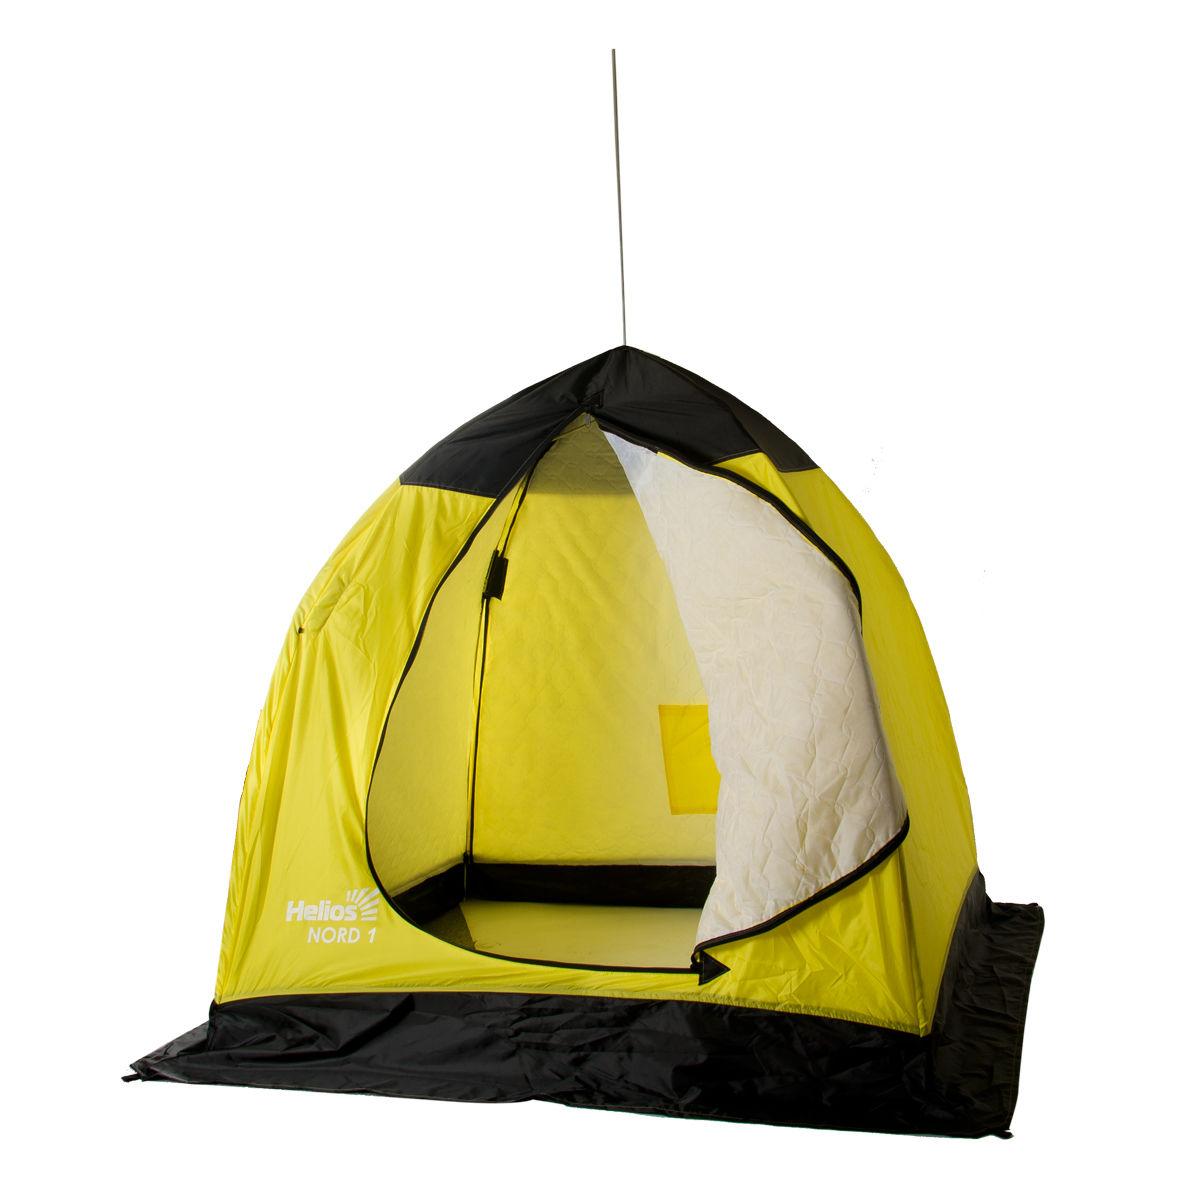 Палатка-автомат Helios Nord U одноместная желтая